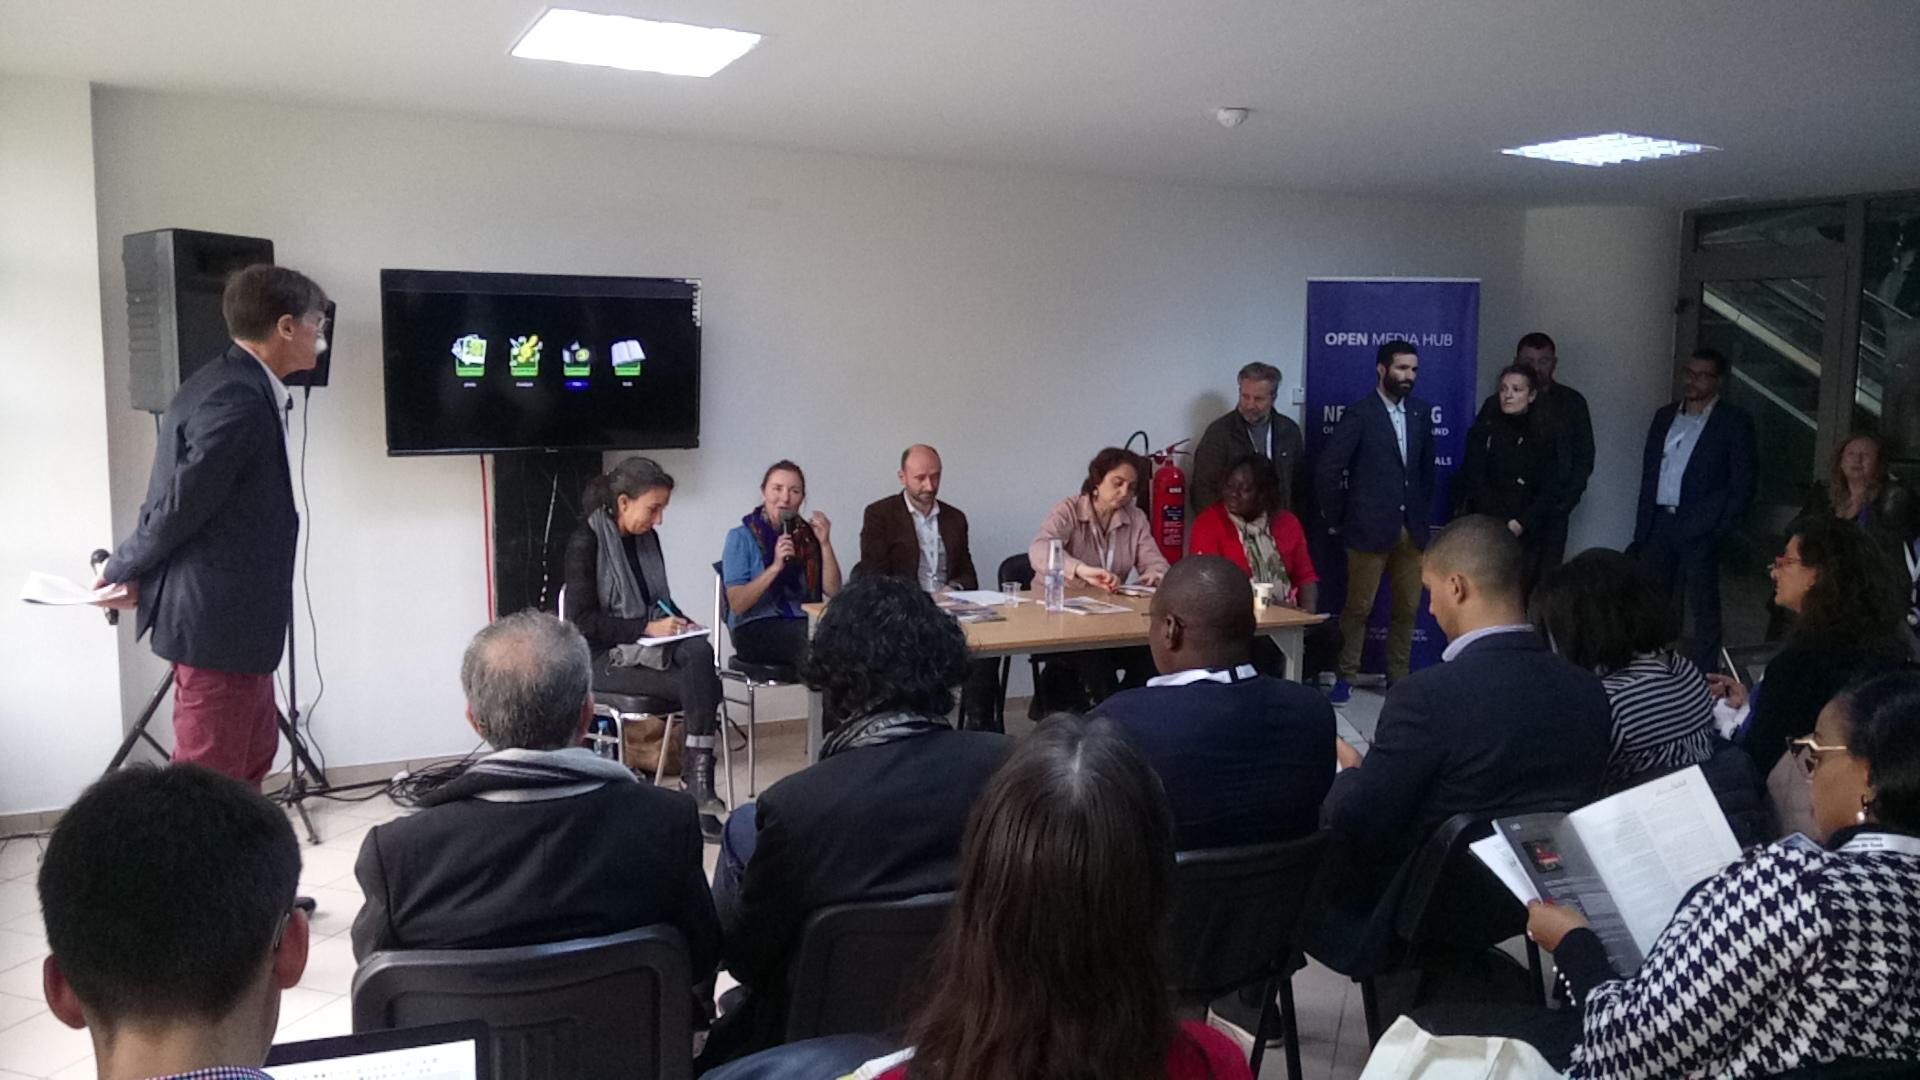 Parole de journalistes en Méditerranée, et ailleurs…